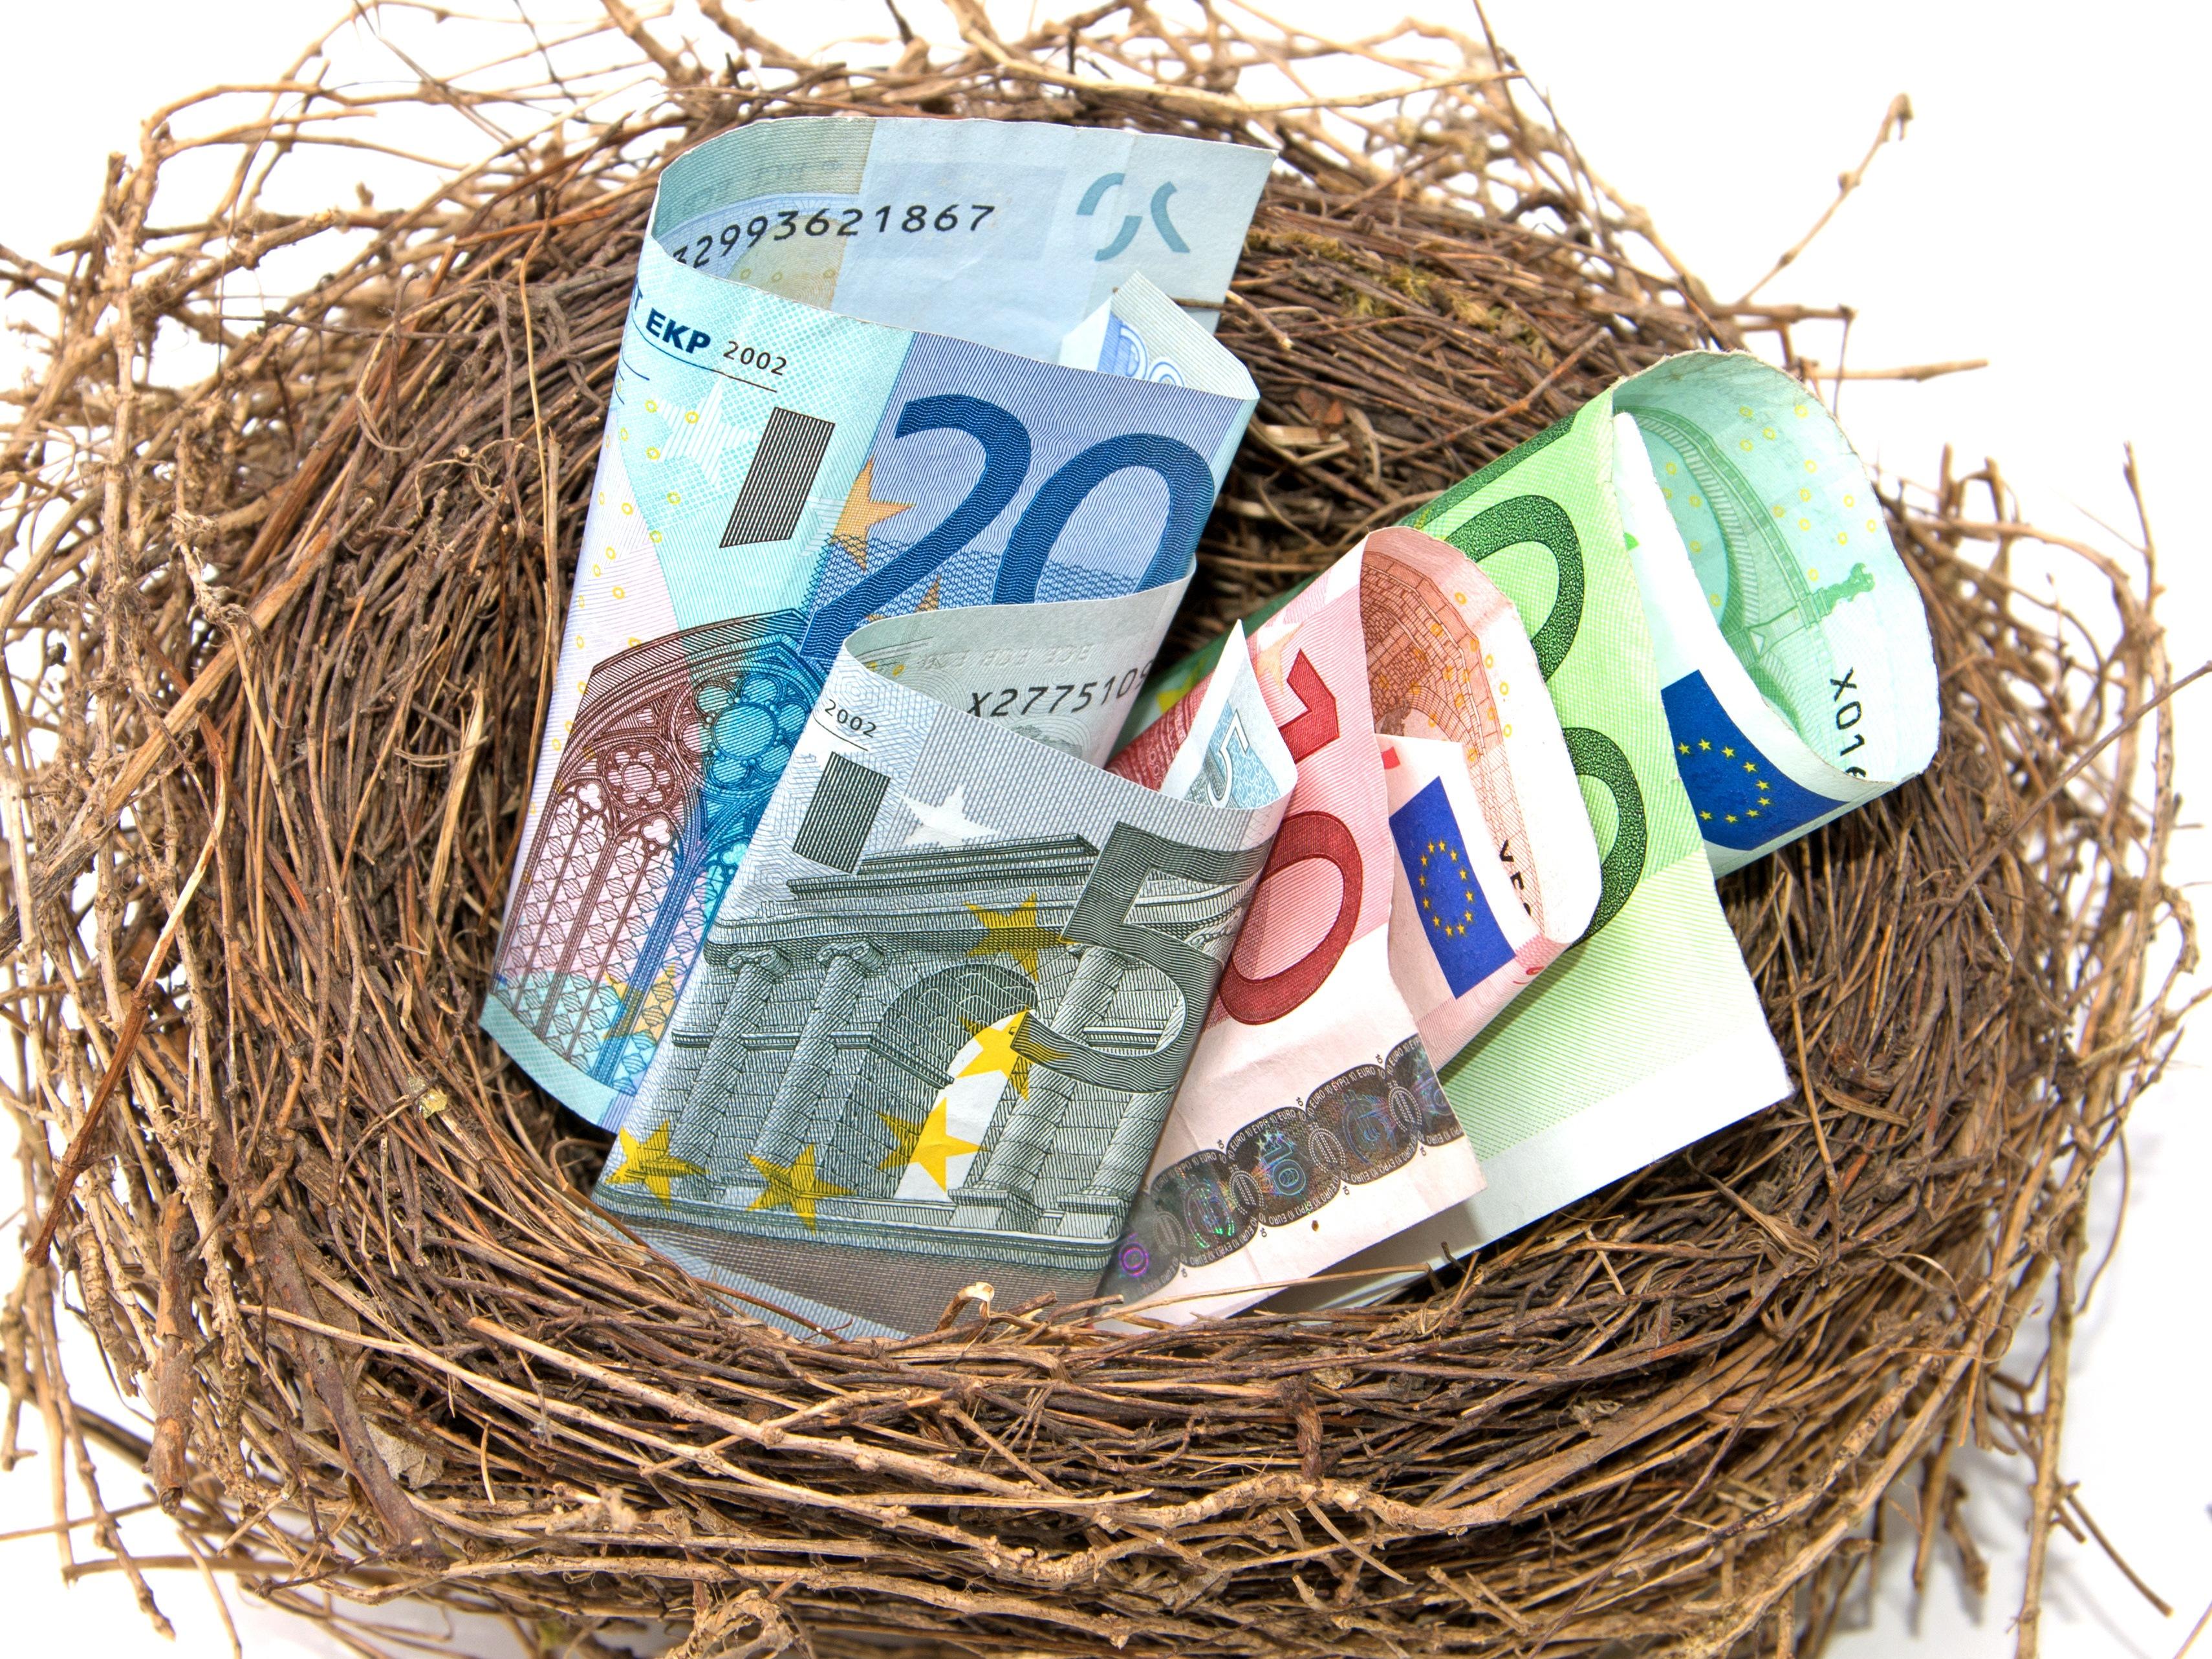 prestamistas en Algeciras particulares y privados